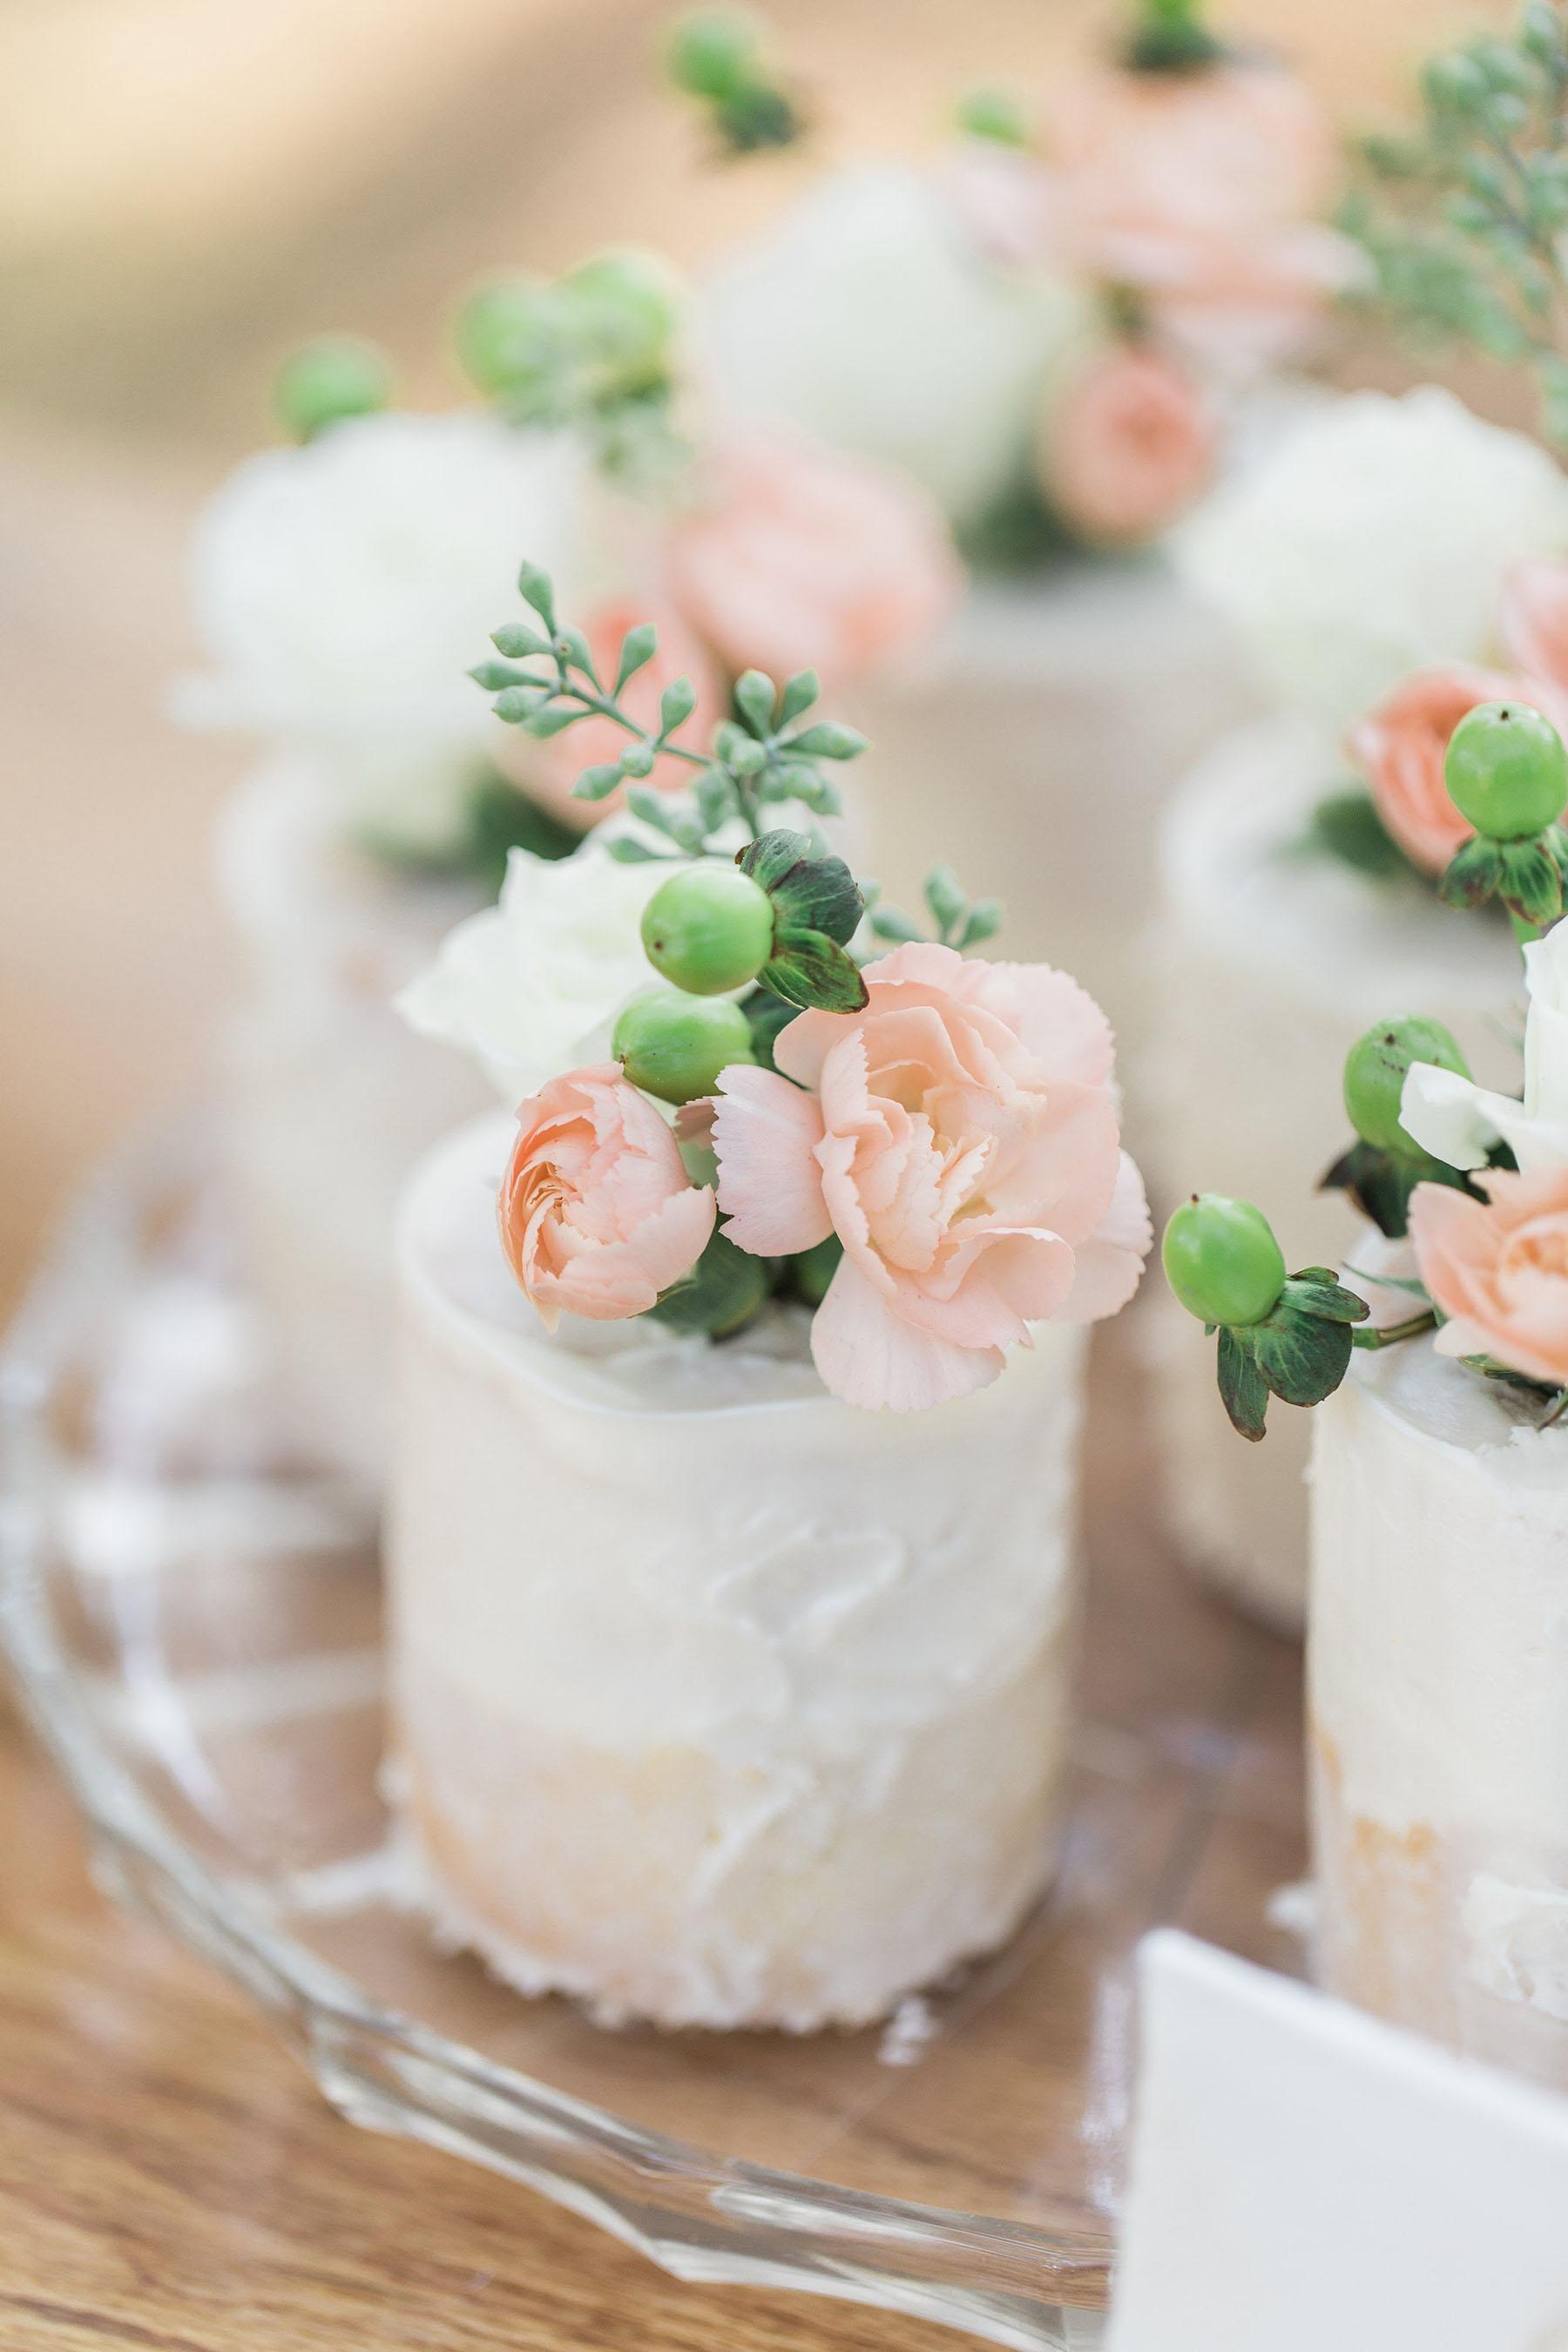 Mini Individual Wedding Cake